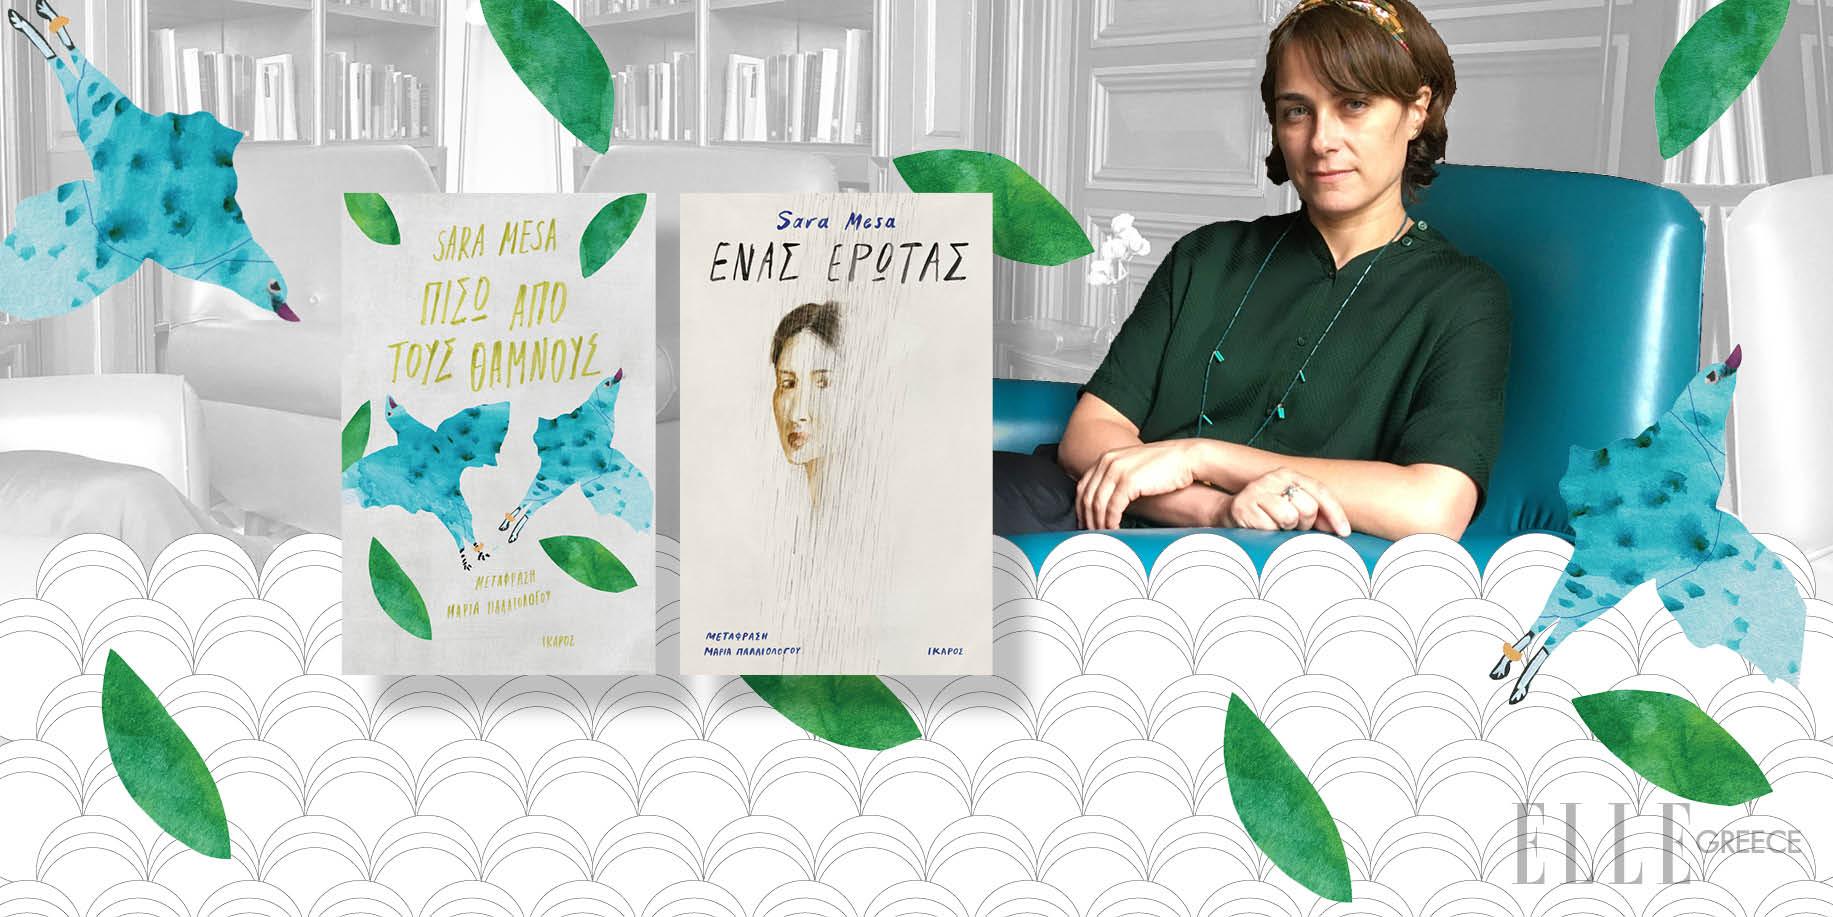 Για την Ισπανίδα συγγραφέα Sara Mesa η λογοτεχνία θα είναι πάντα πολιτική